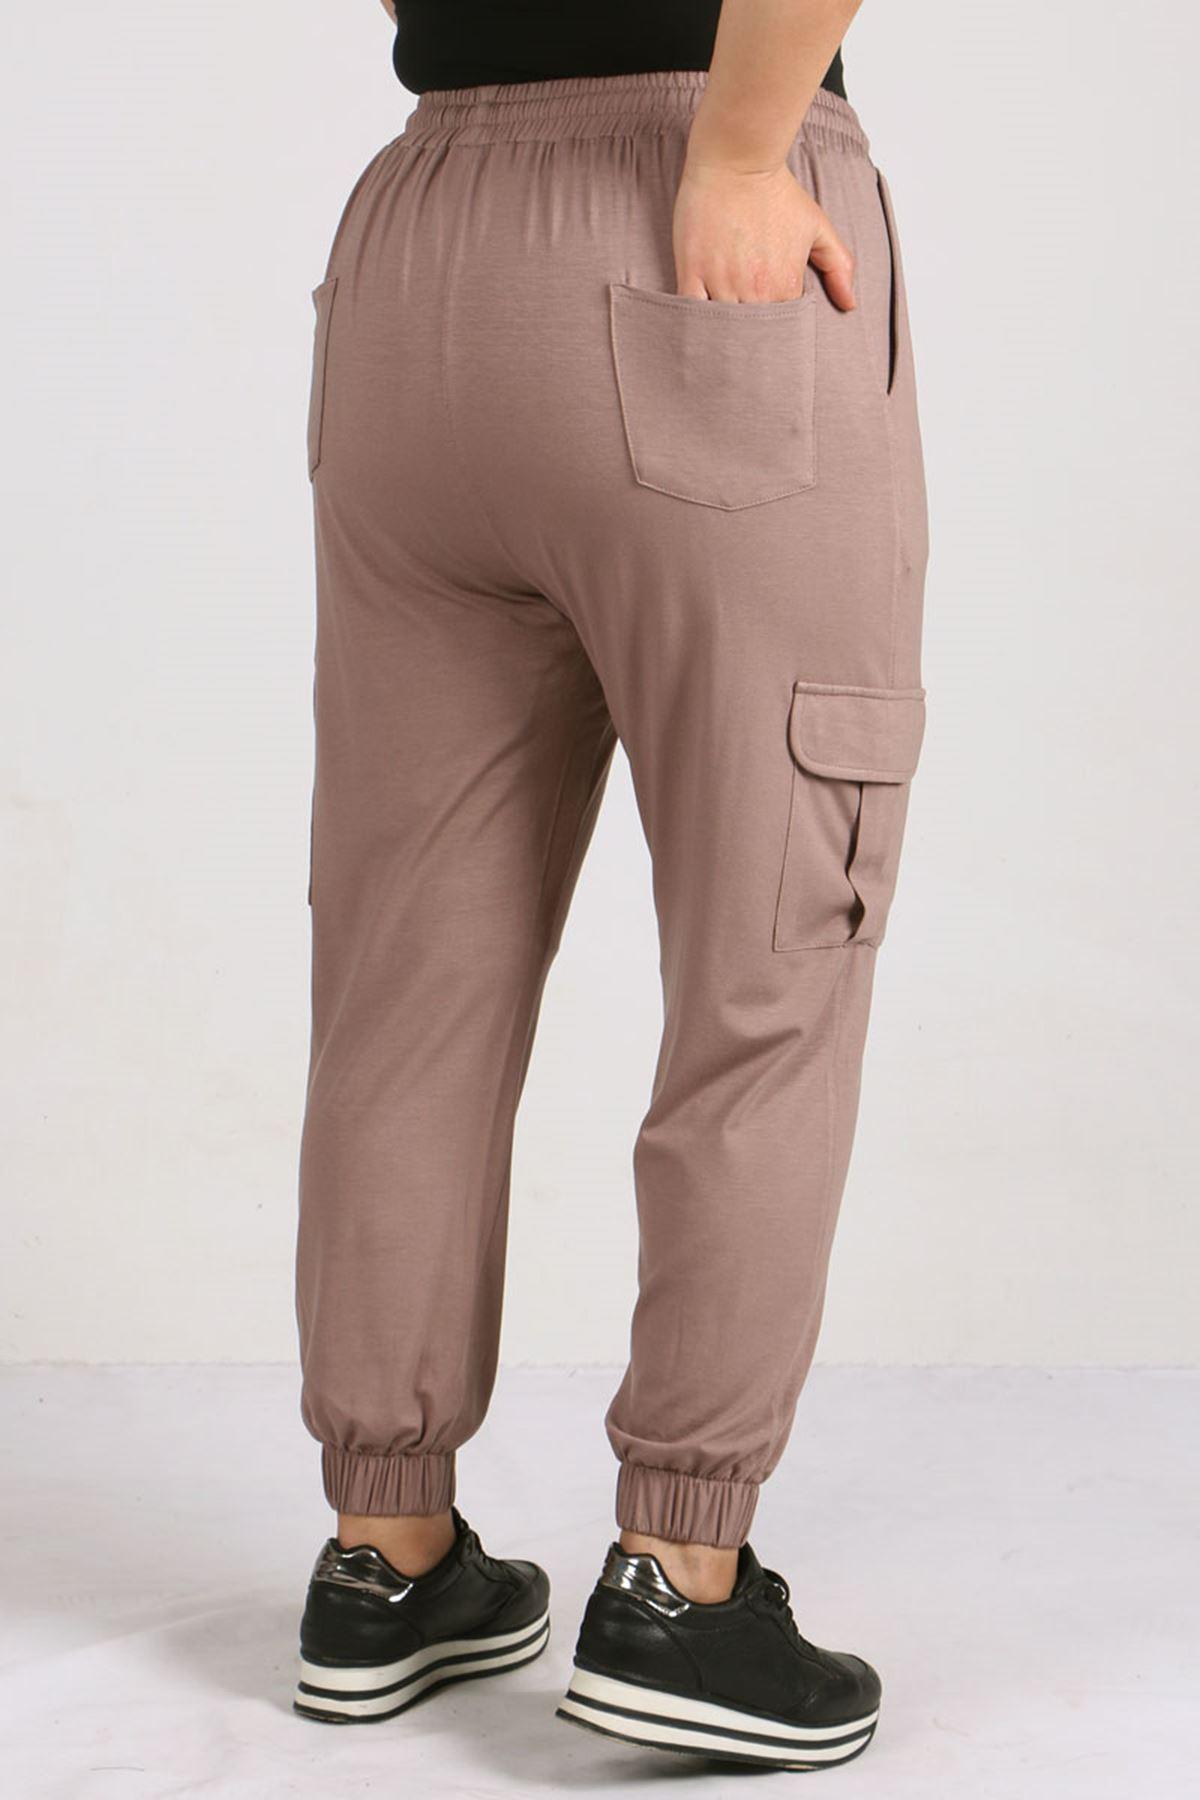 9150 Büyük Beden Lastikli Penye Pantolon - Vizon